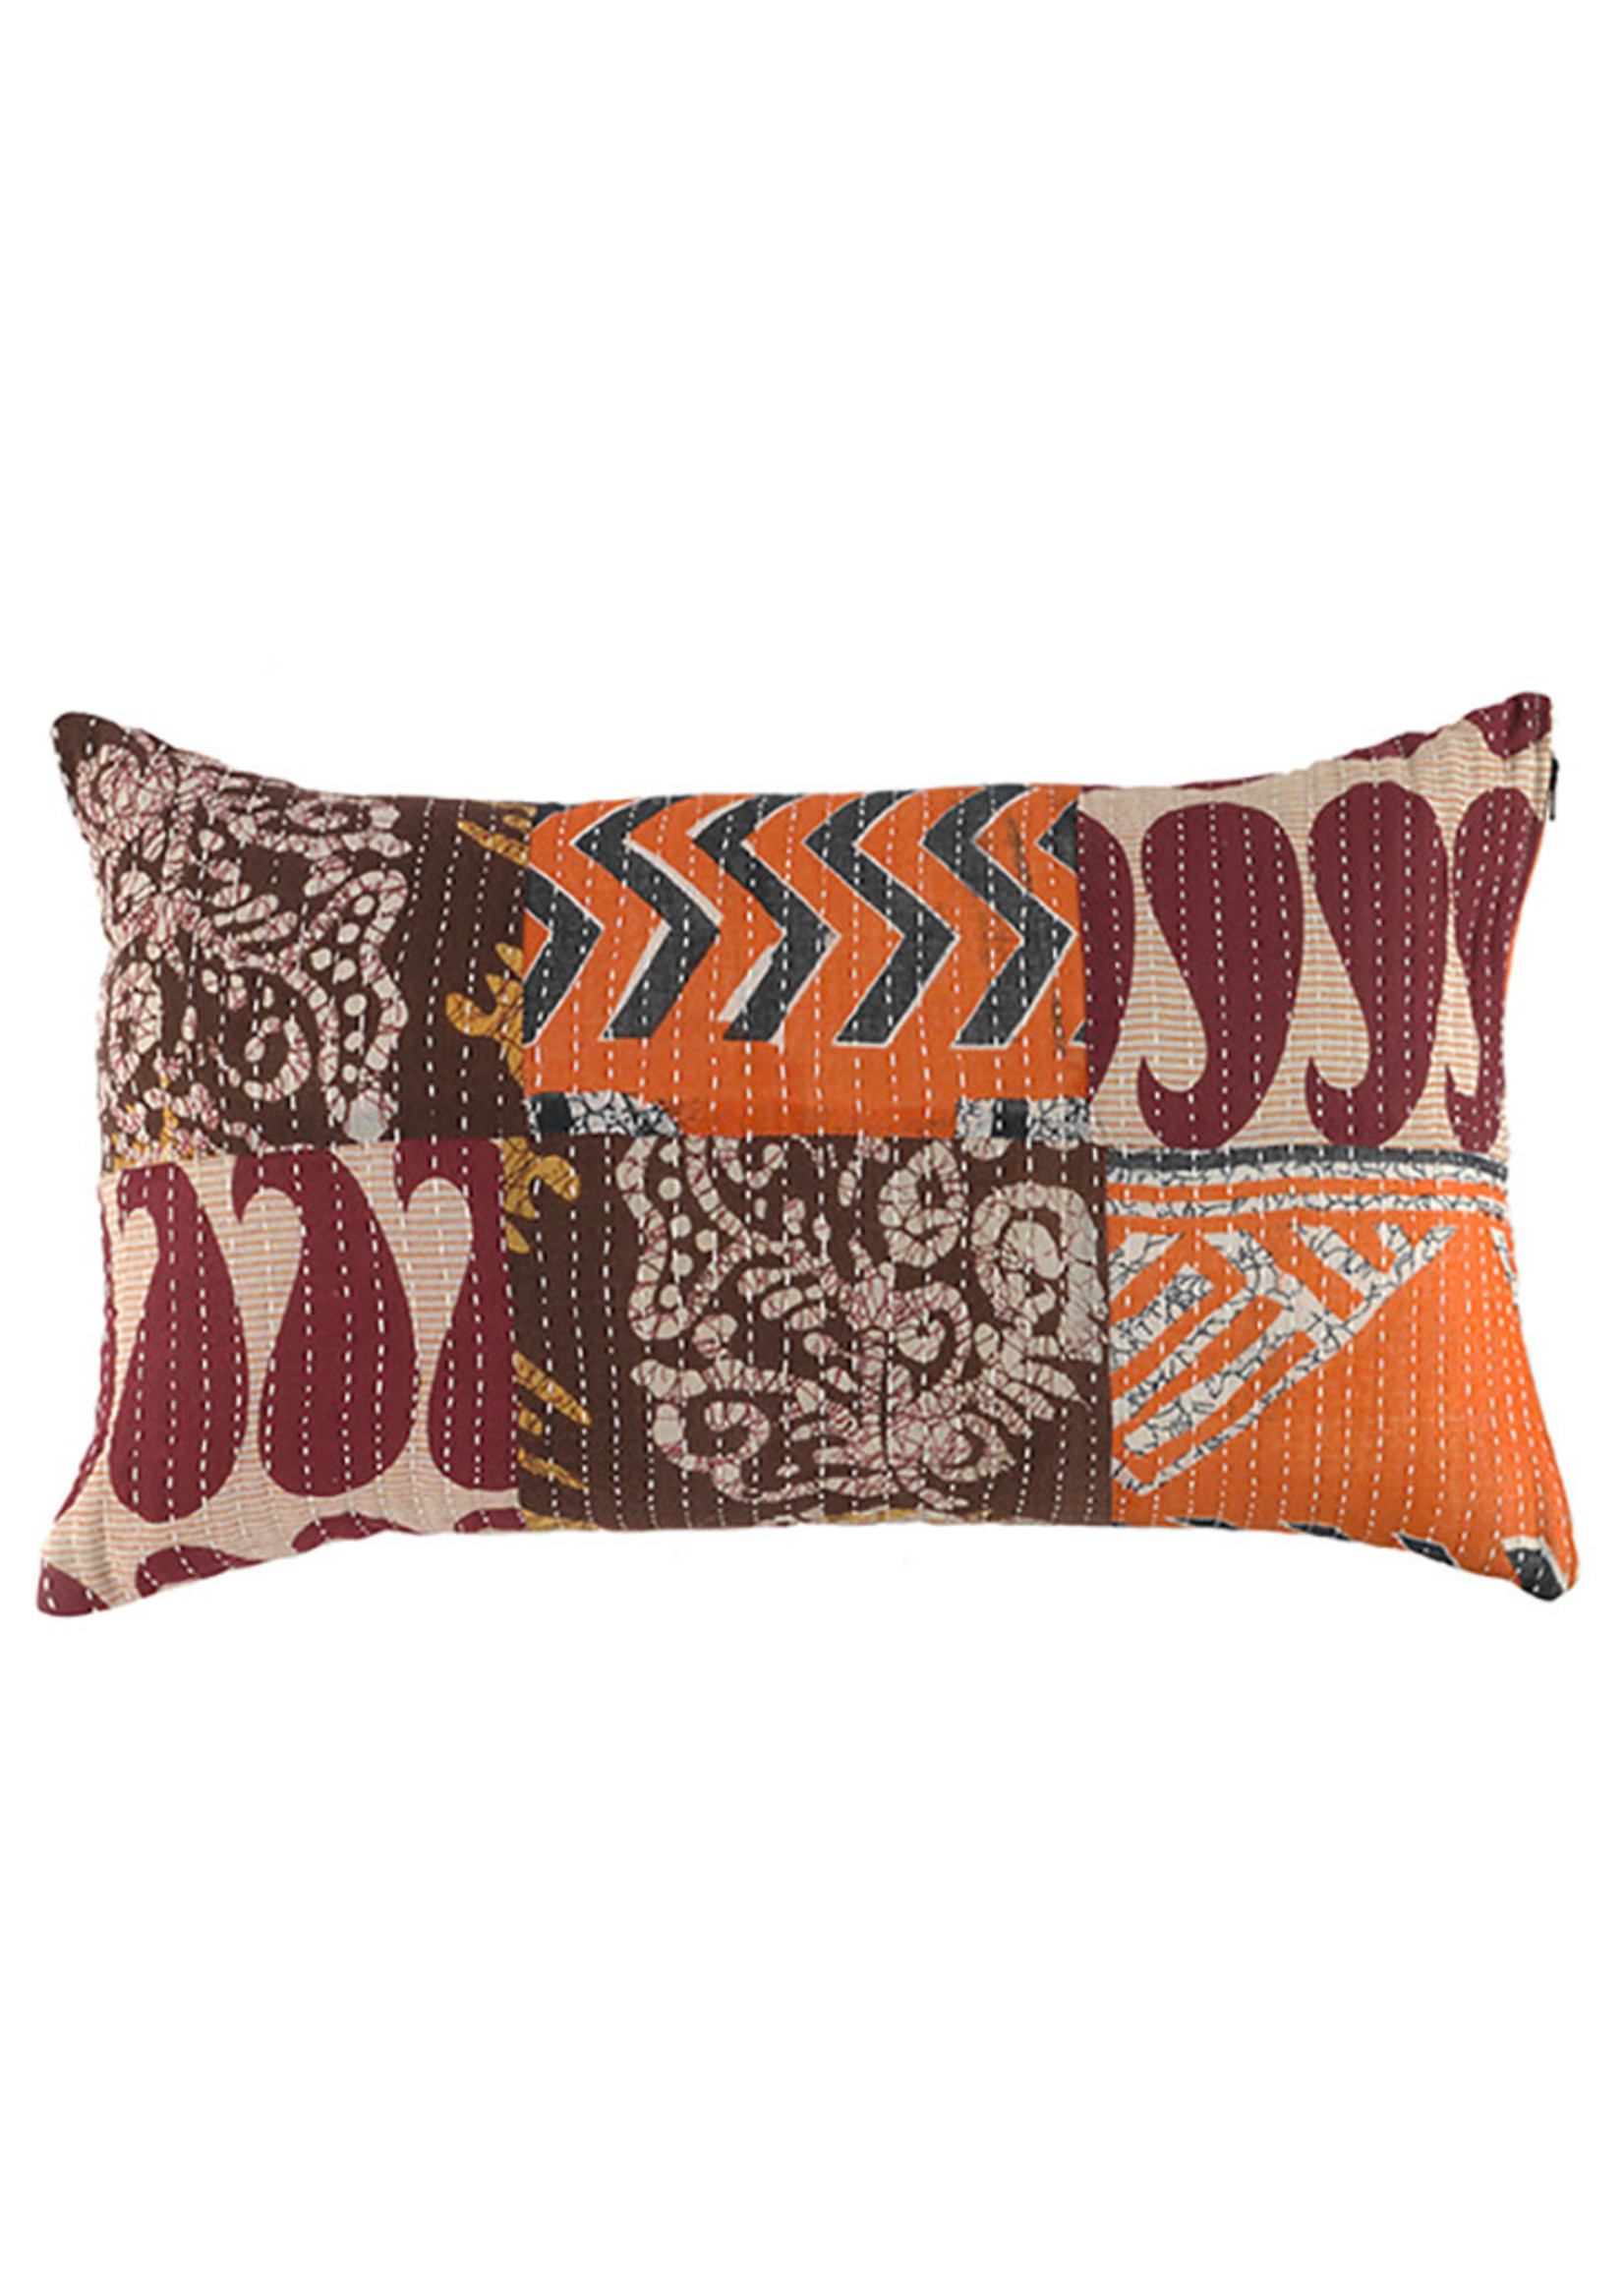 Kantha Patchwork Lumbar Pillow